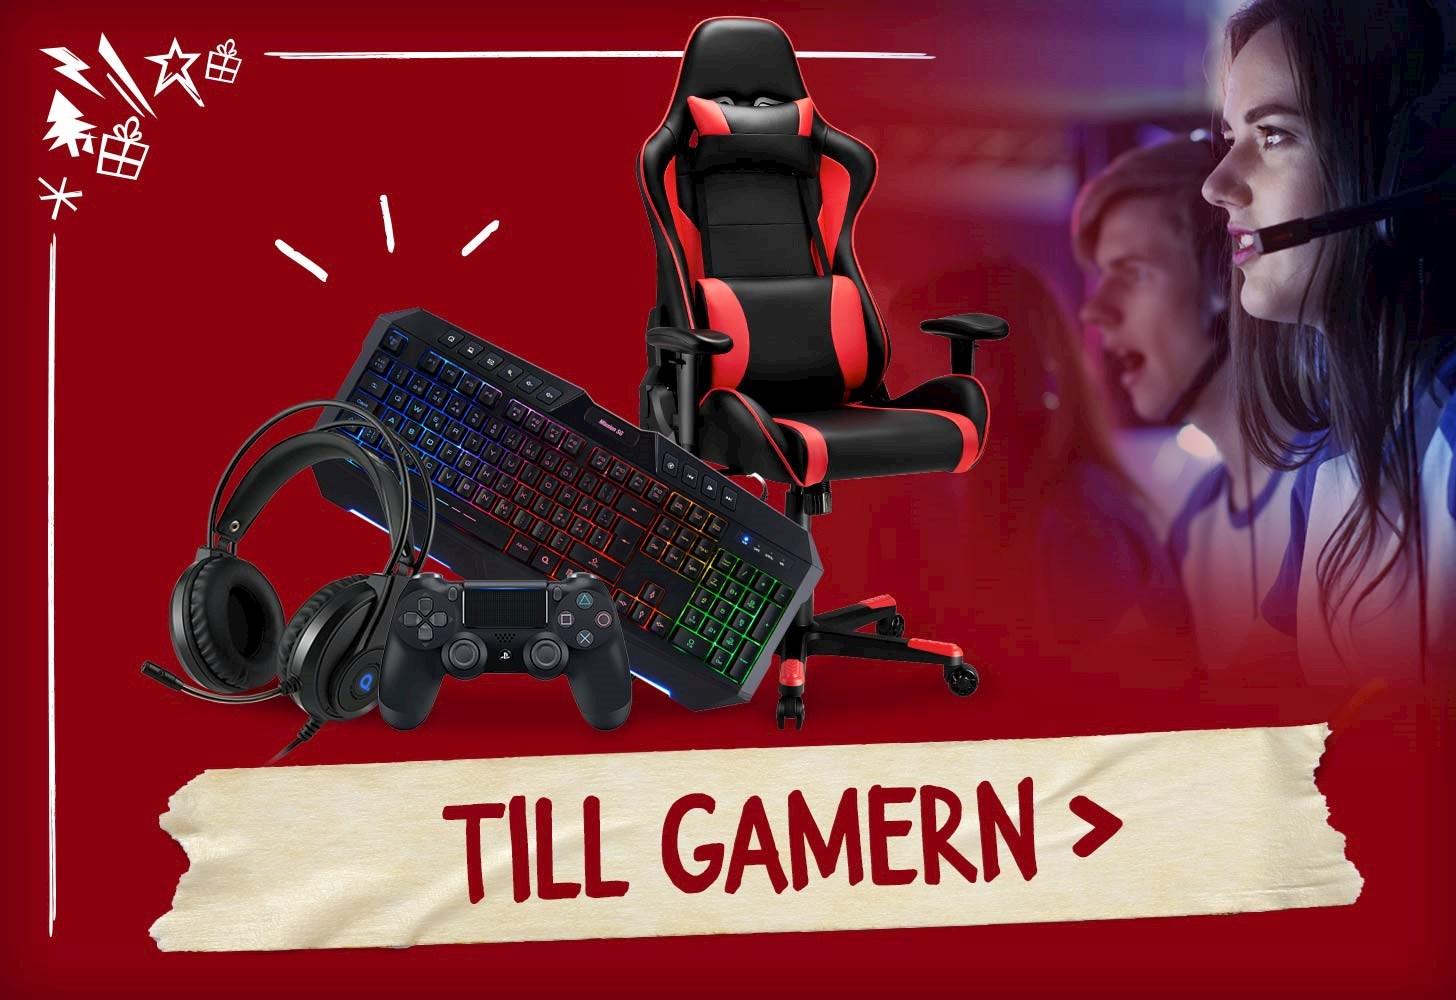 Julklappstips till gamern